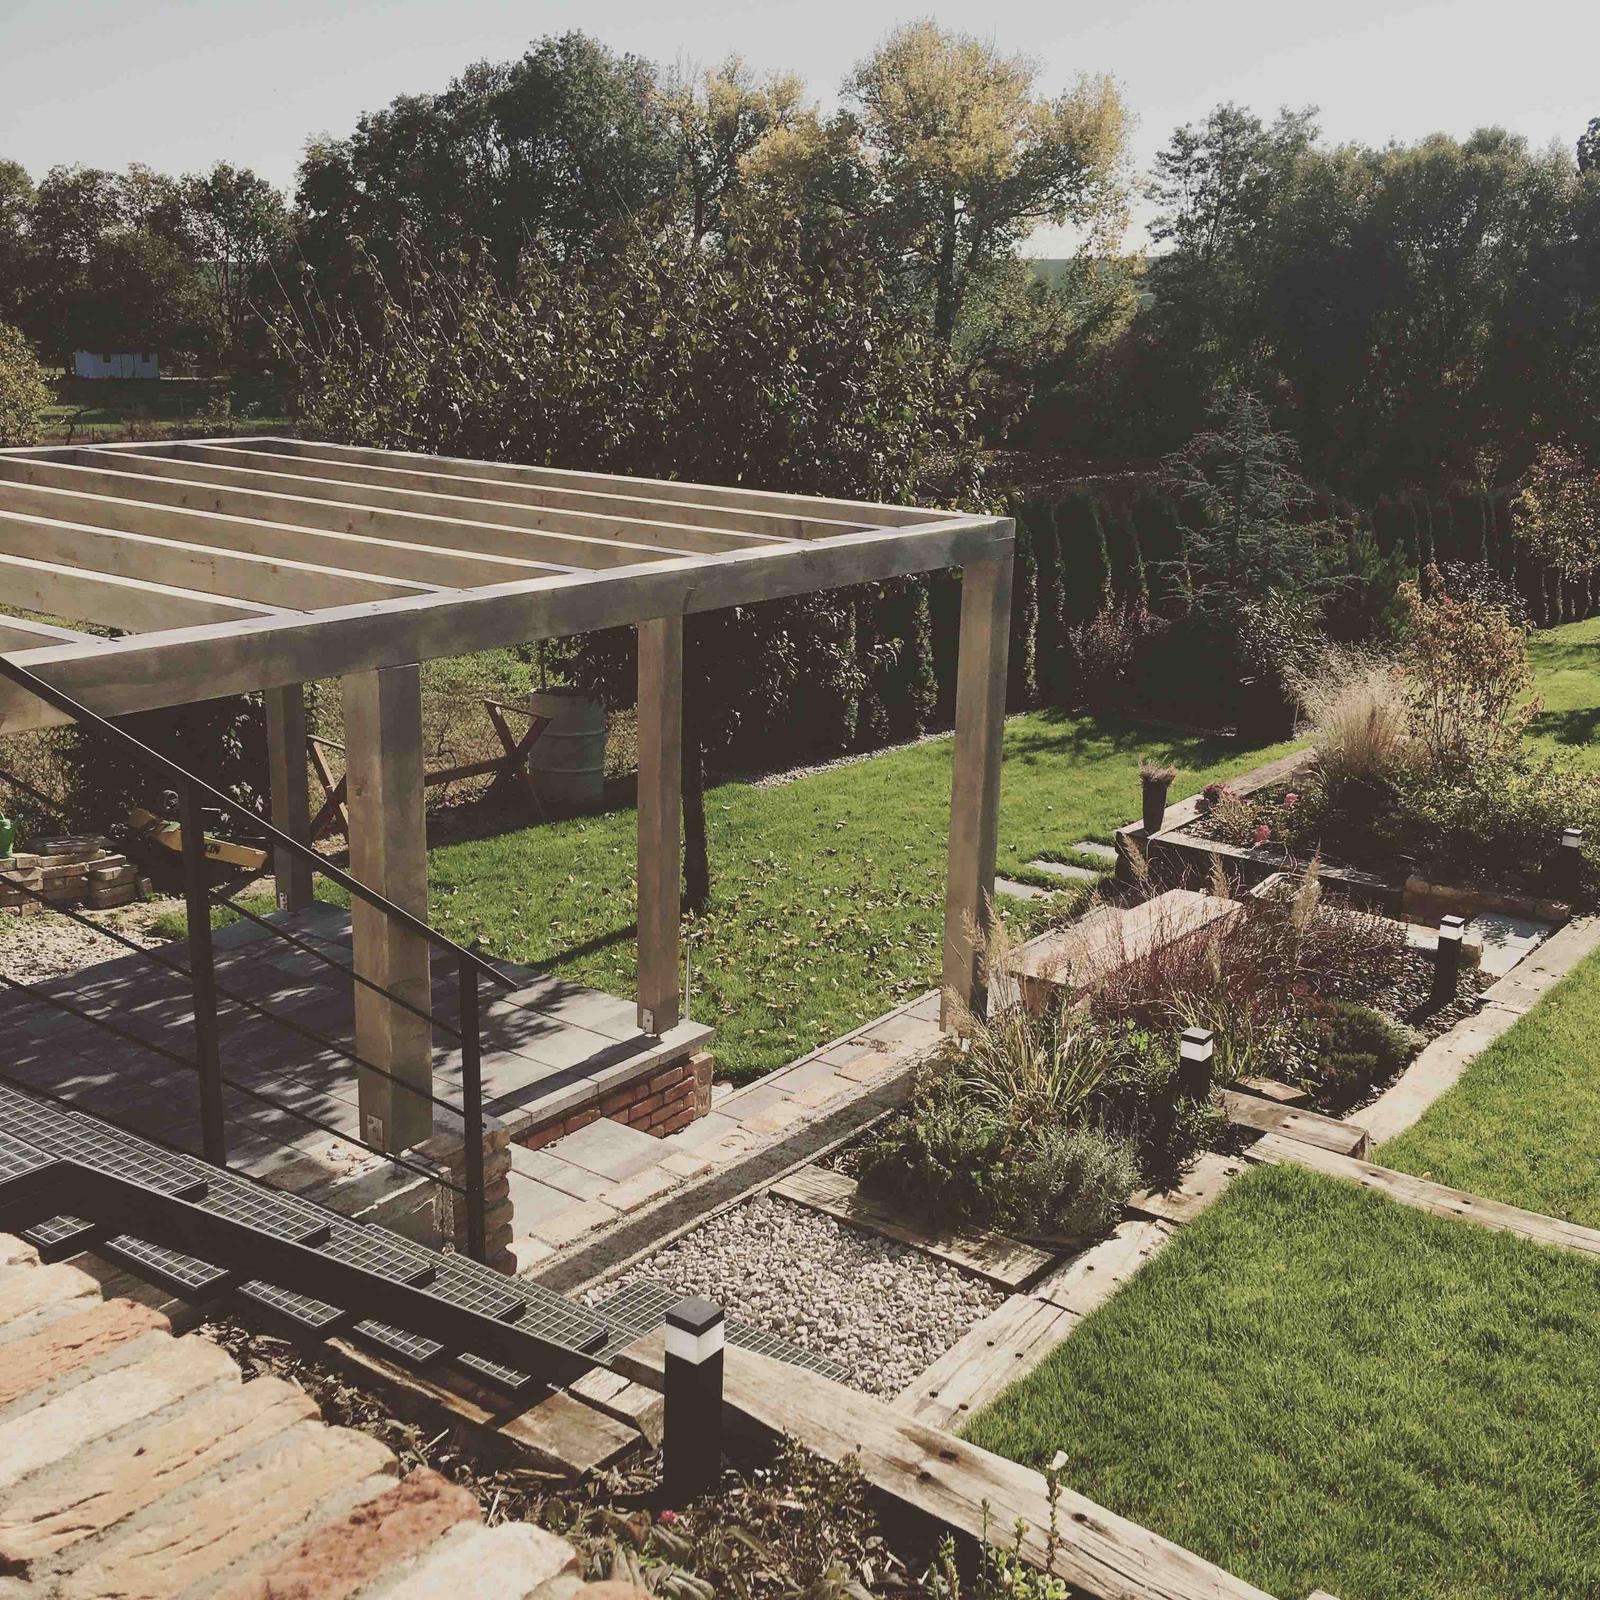 Názov stavby 3 - in da garden - Obrázok č. 80